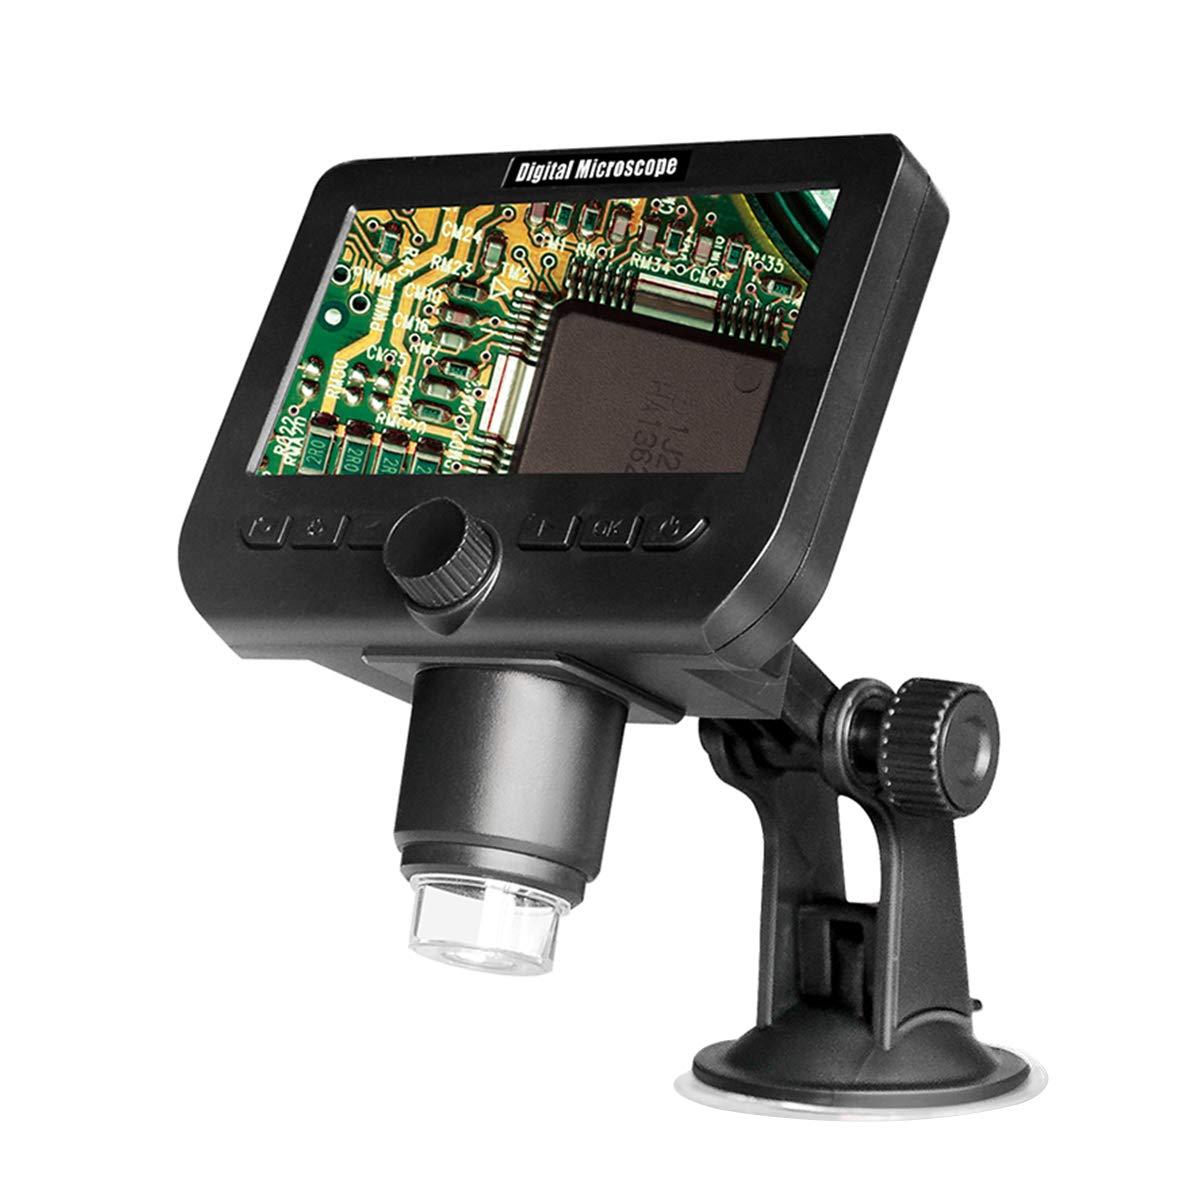 【人気ショップが最安値挑戦!】 LIOOBO WiFi 1000X 4.3インチ デジタル顕微鏡 WiFi HD HD 1080P (ブラック) ポータブル デスクトップ LCD 調節可能なブラケット付き 画像キャプチャビデオ録画用 (ブラック) B07Q8KDPNY, フラダンス トーチジンジャー:5c6c3a8c --- berkultura.ru